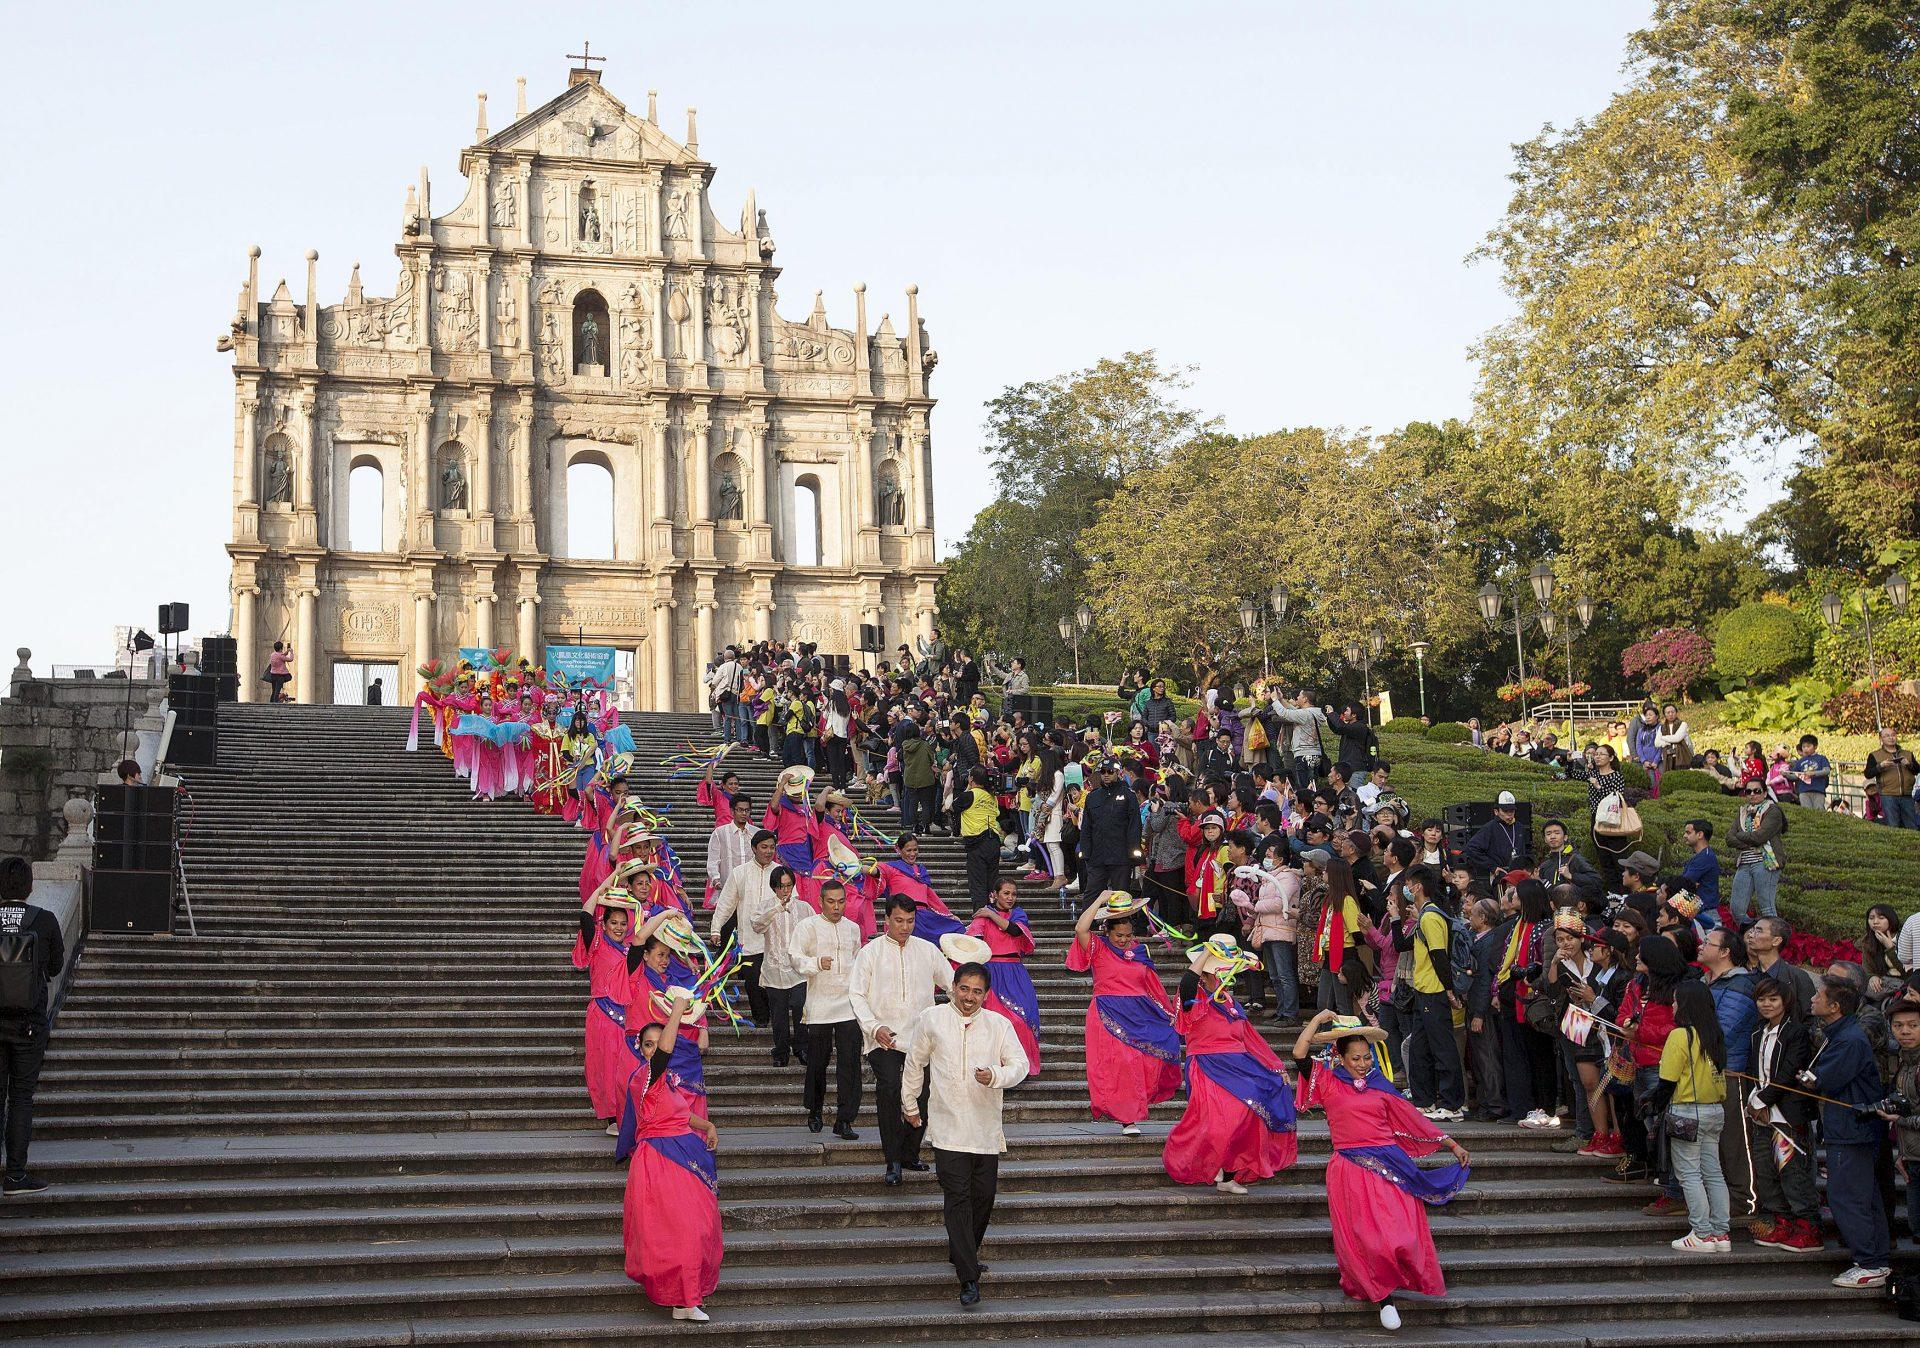 """Centenas de figurantes desfilaram hoje pelas ruas de Macau integrados no """"Desfile por Macau, Cidade Latina"""" que celebrou os 15 anos da transferência de poderes de Portugal para a China. 14 de Dezembro de 2014, Macau. CARMO CORREIA/LUSA"""